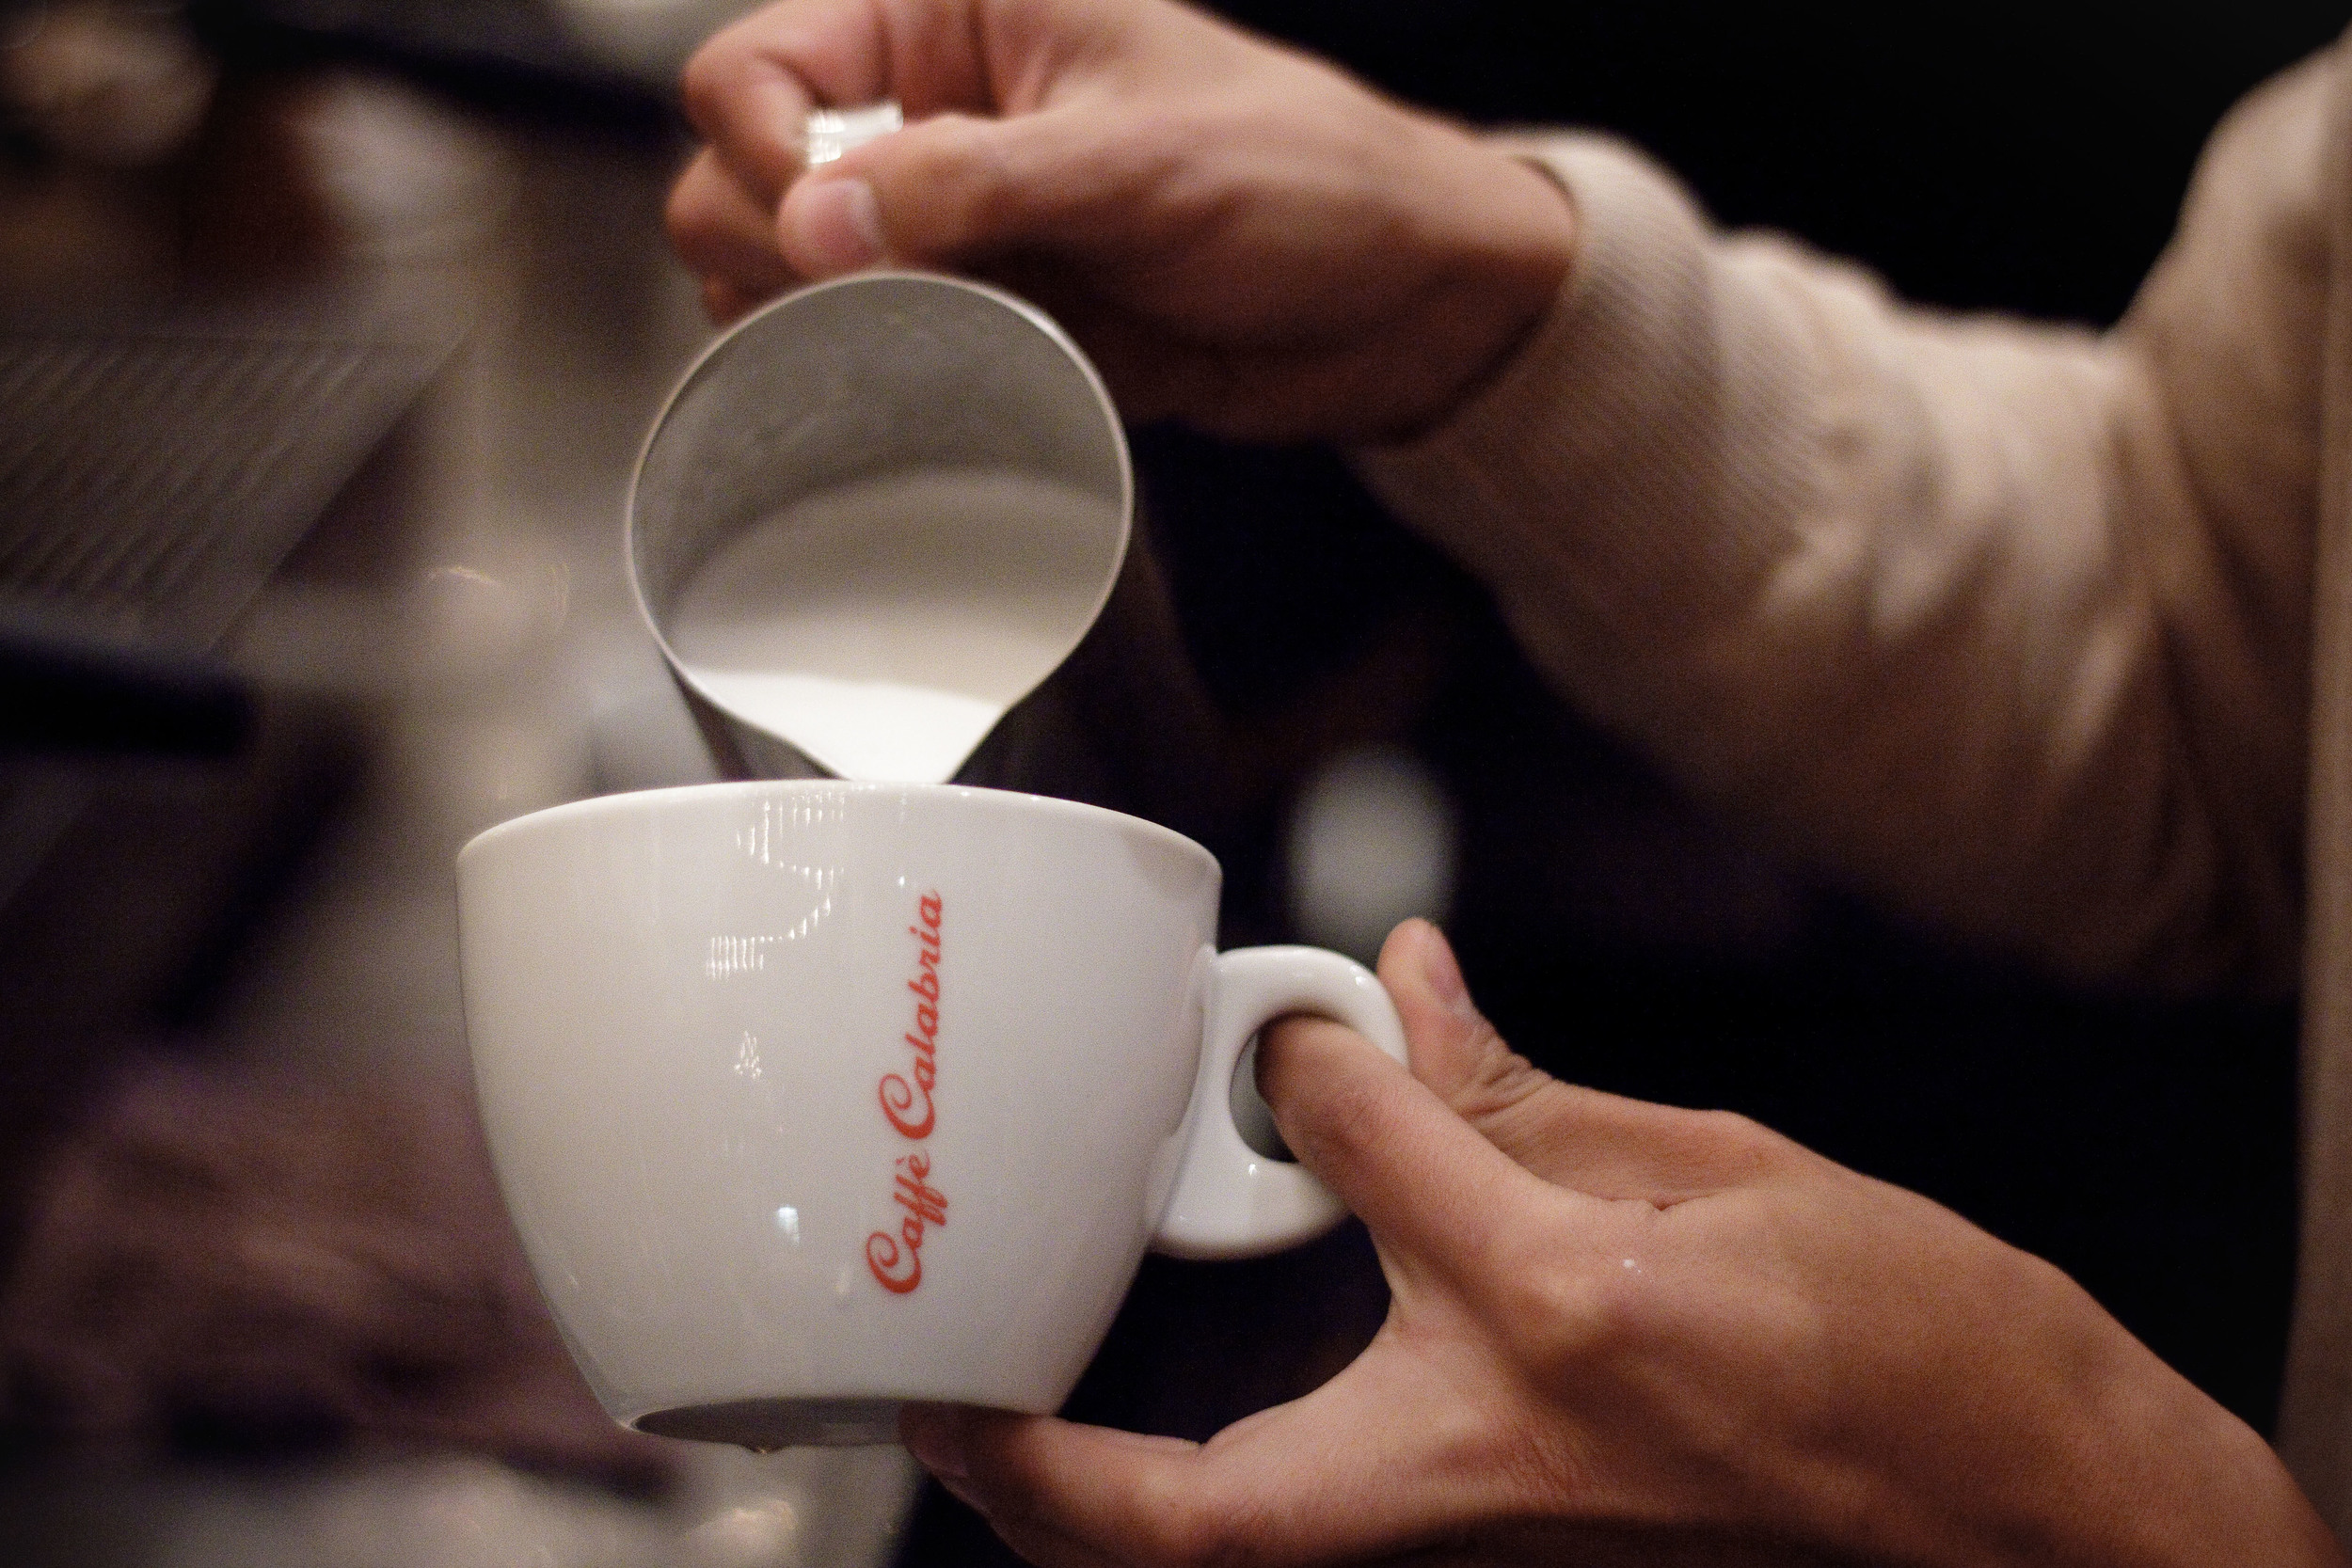 Our host, Caffe Calabria.